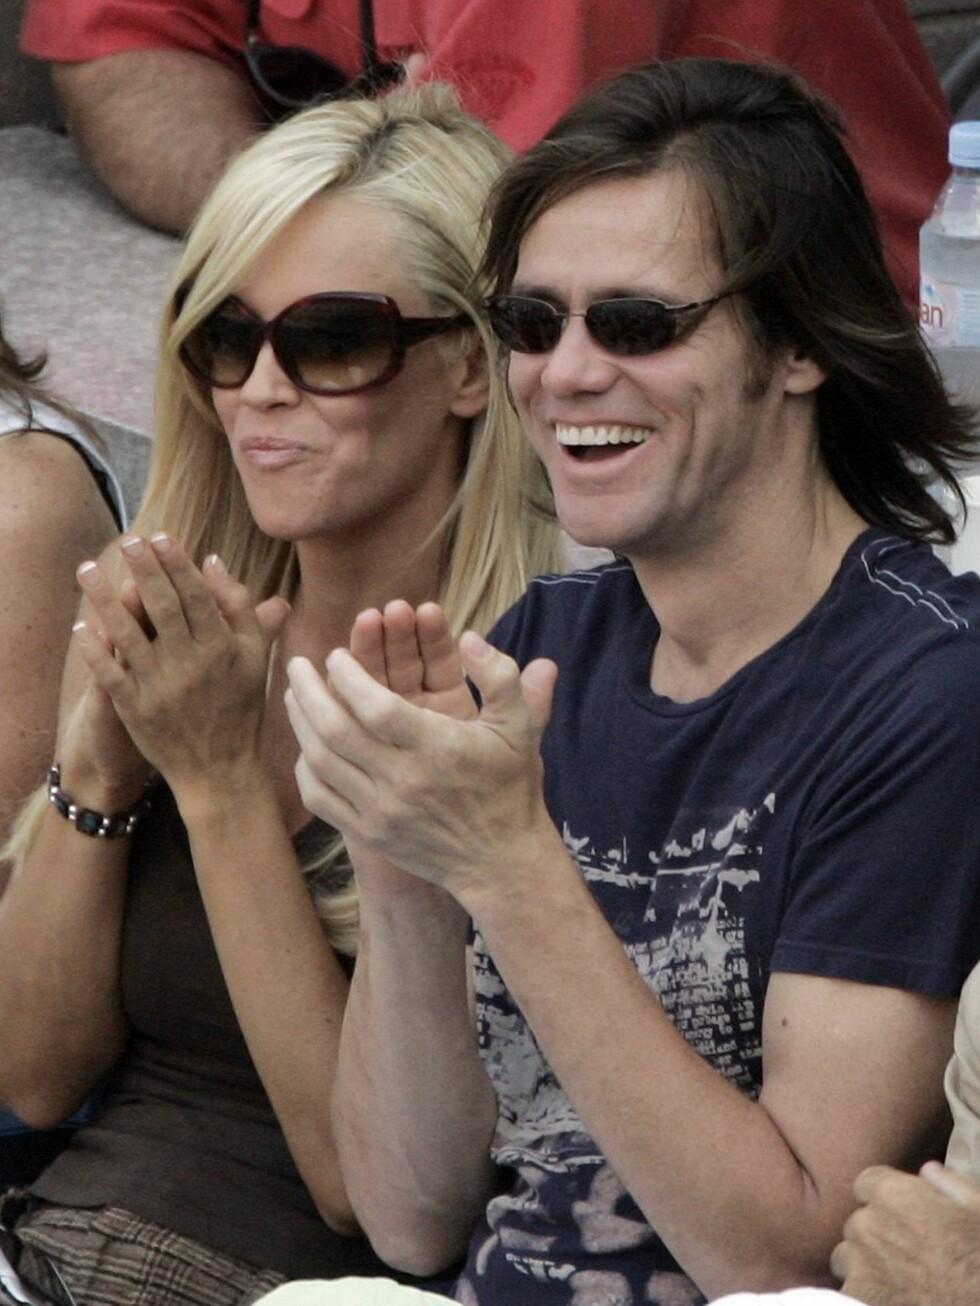 SAMMEN: Jenny McCarthy syns at sexlivet mellom henne og komikeren Jim Carrey er fantatisk. Men hun beholder klærne på! Foto: All Over Press